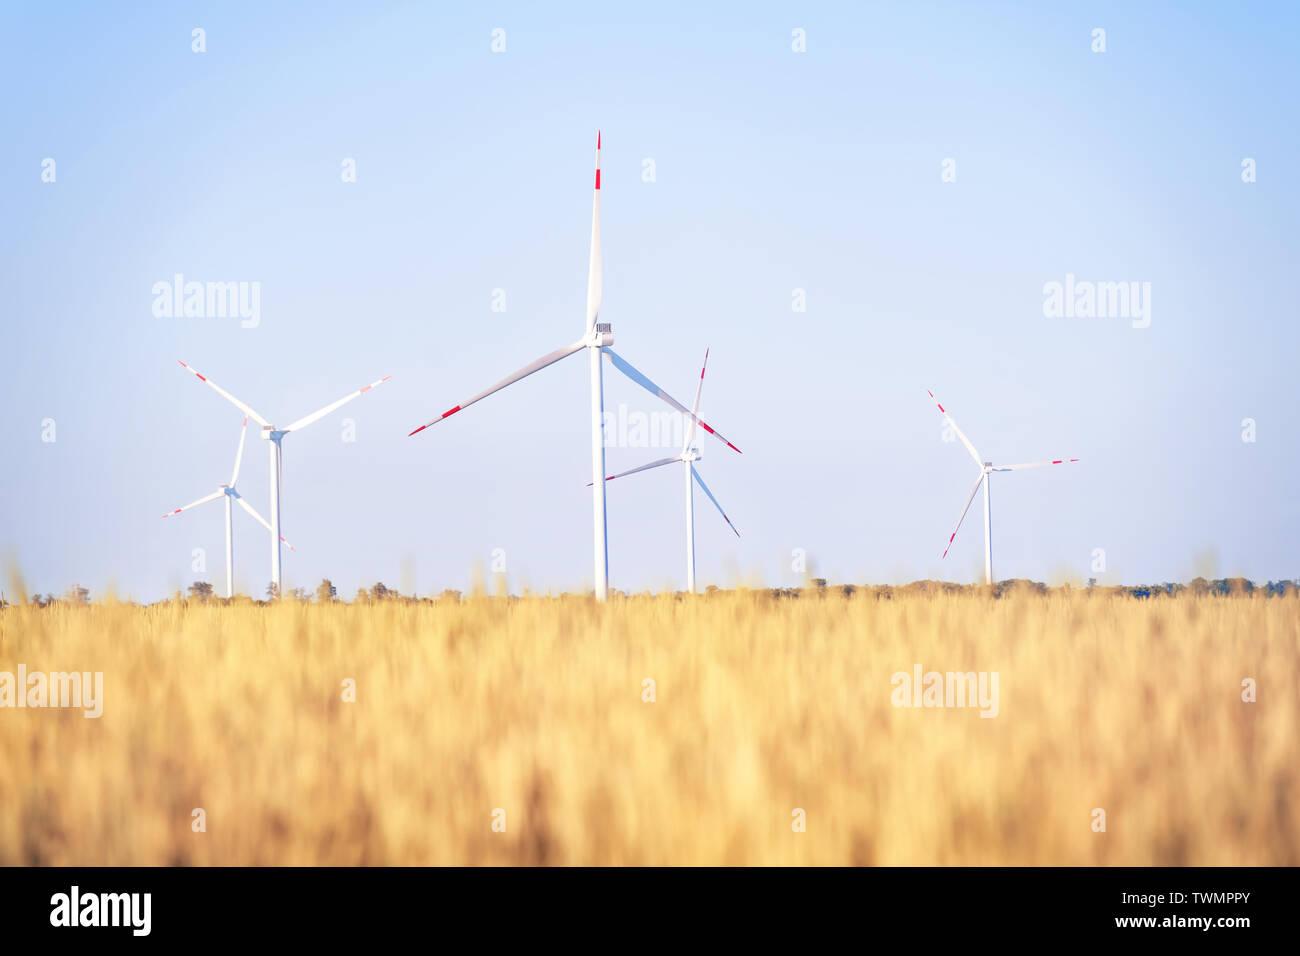 Windpark in der goldene Weizen Feld. Helle Sommer Landschaft Stockfoto